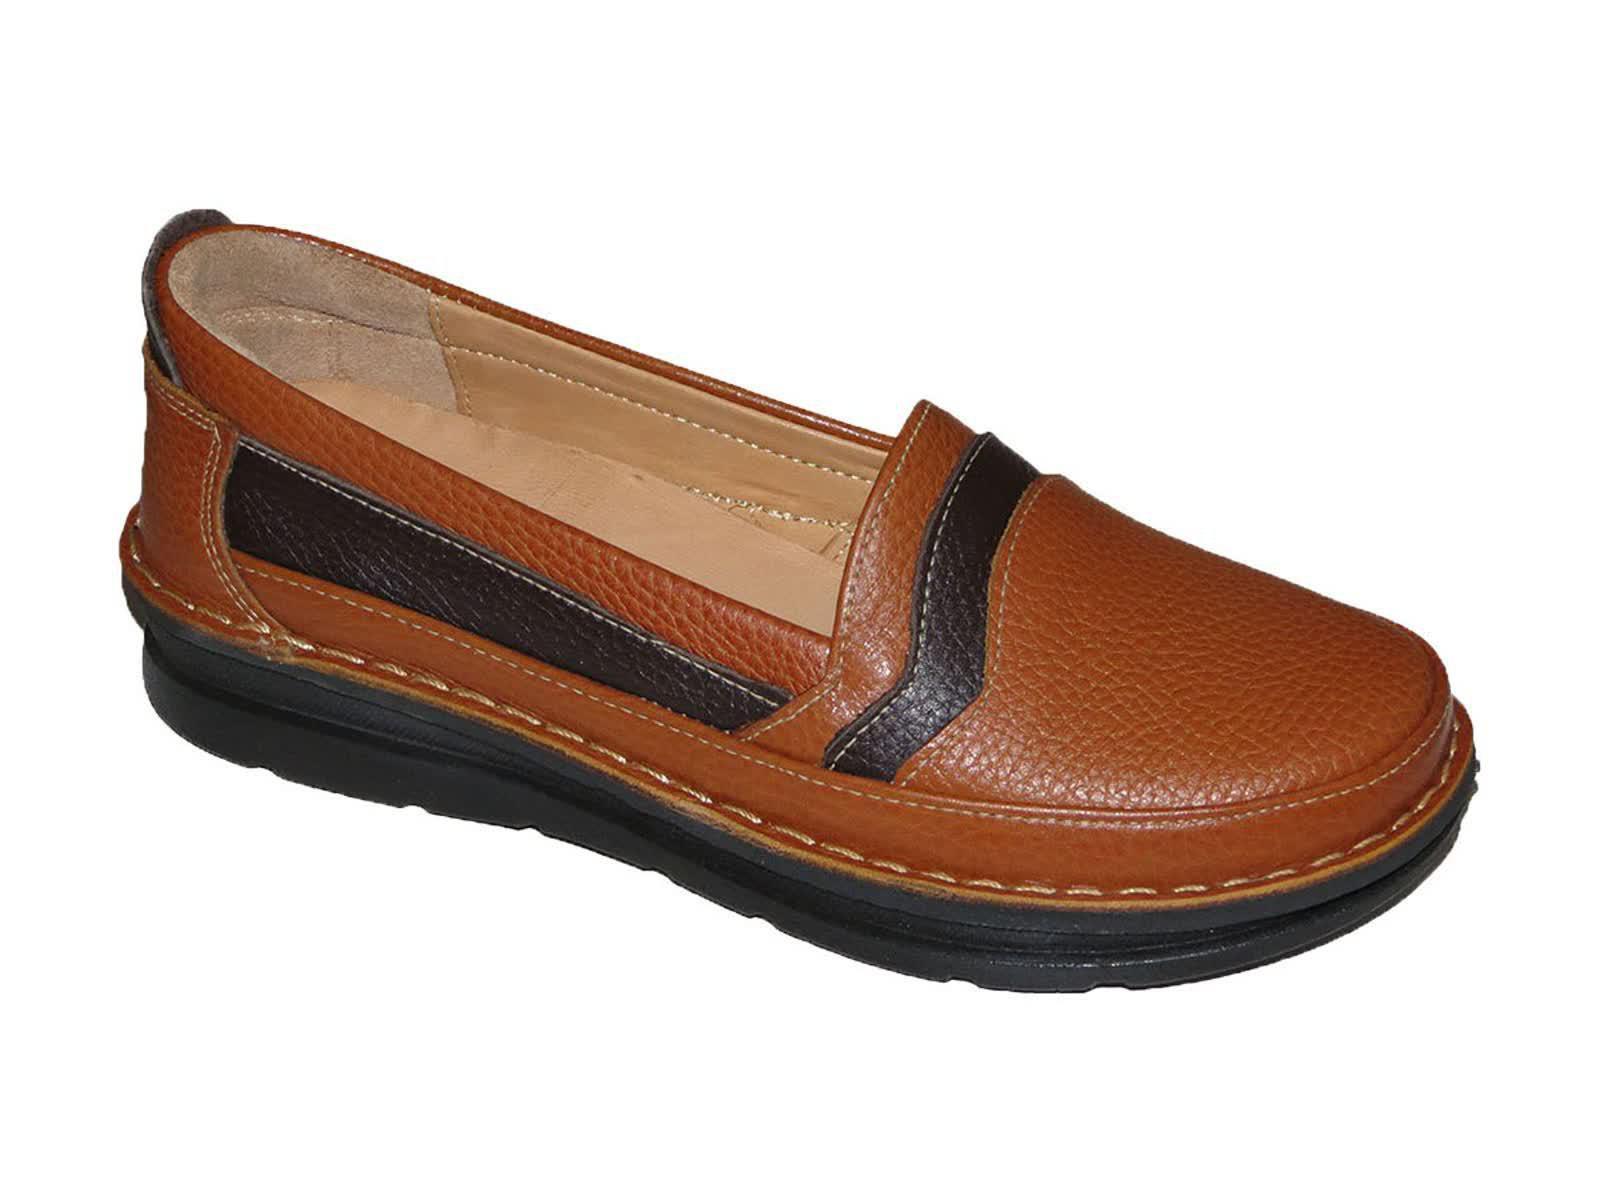 کفش کلارک زنانه مدل آنیل عسلی قهوه ای